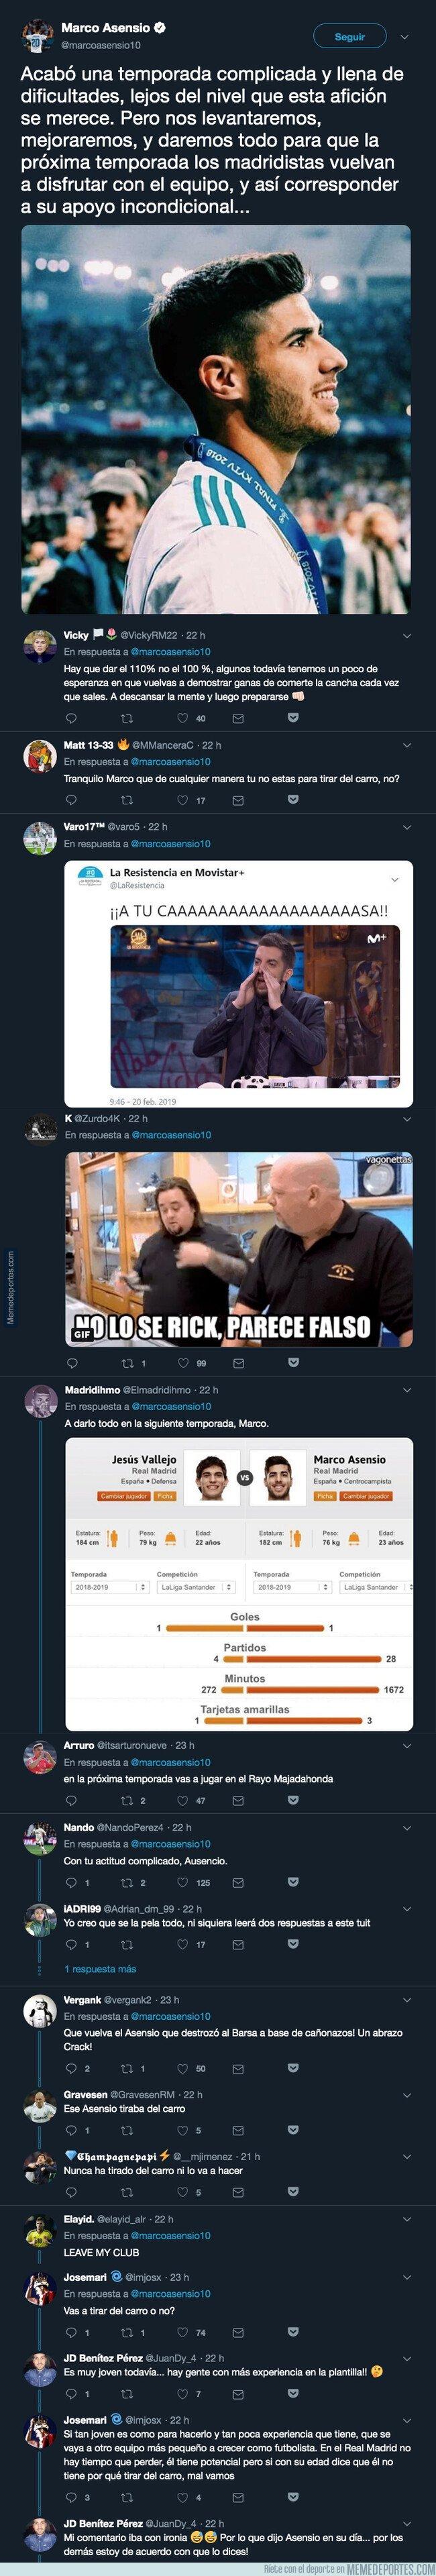 1075883 - Marco Asensio confirma que se queda en el Real Madrid y los madridistas responden sin piedad